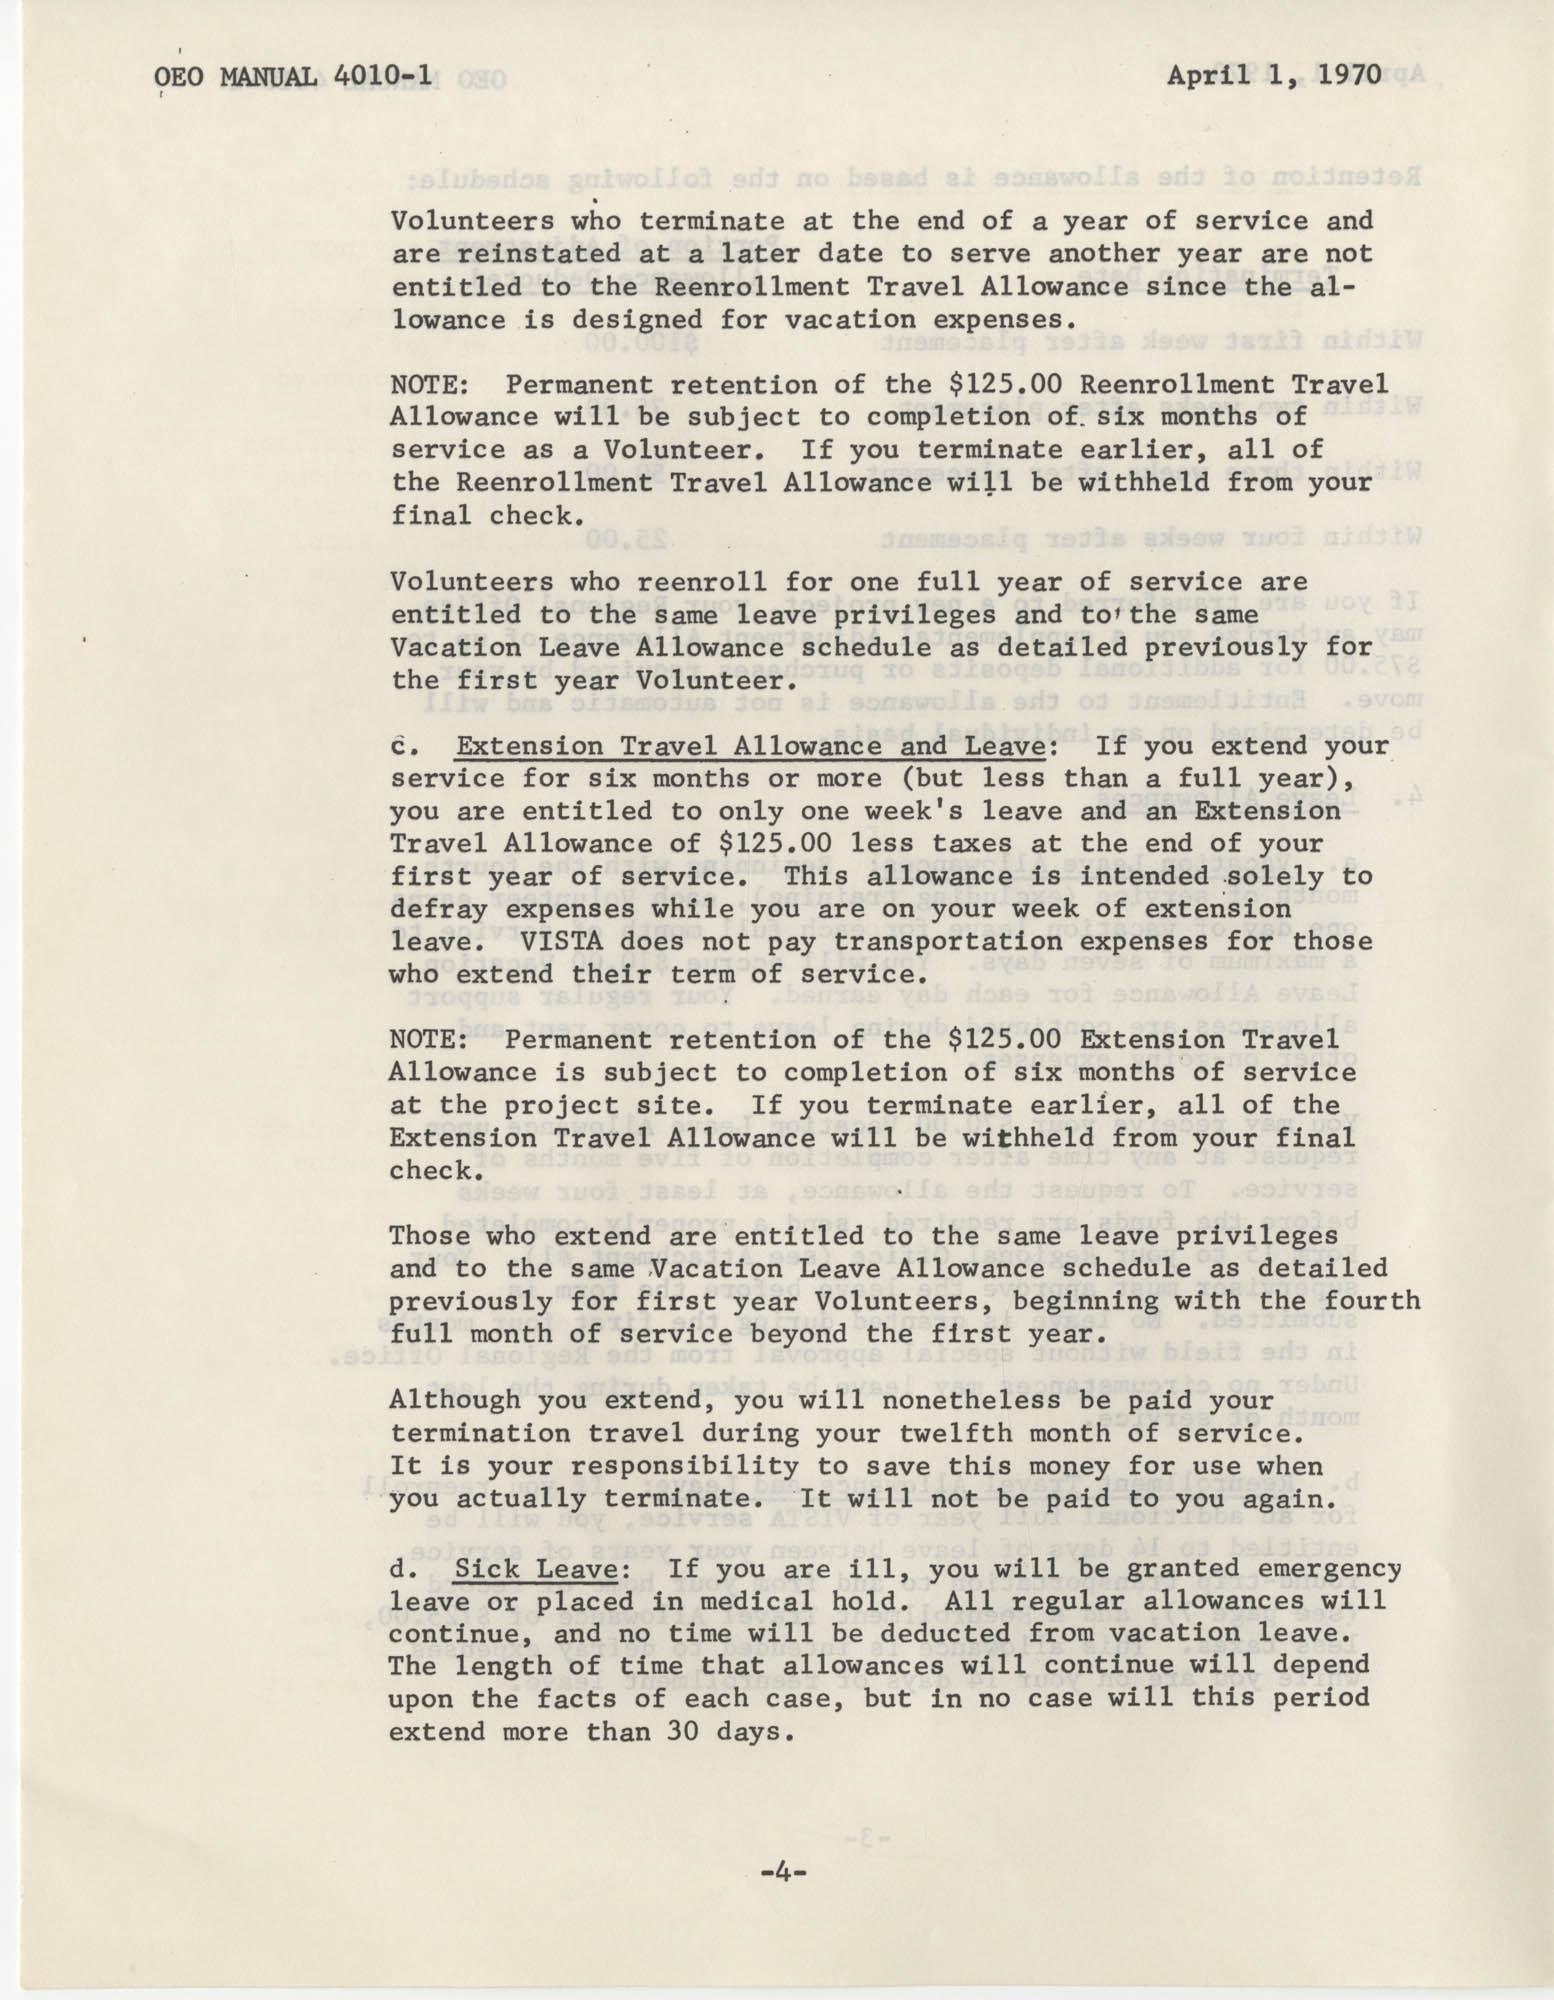 Vista Volunteer Handbook, April 1970, Page 4